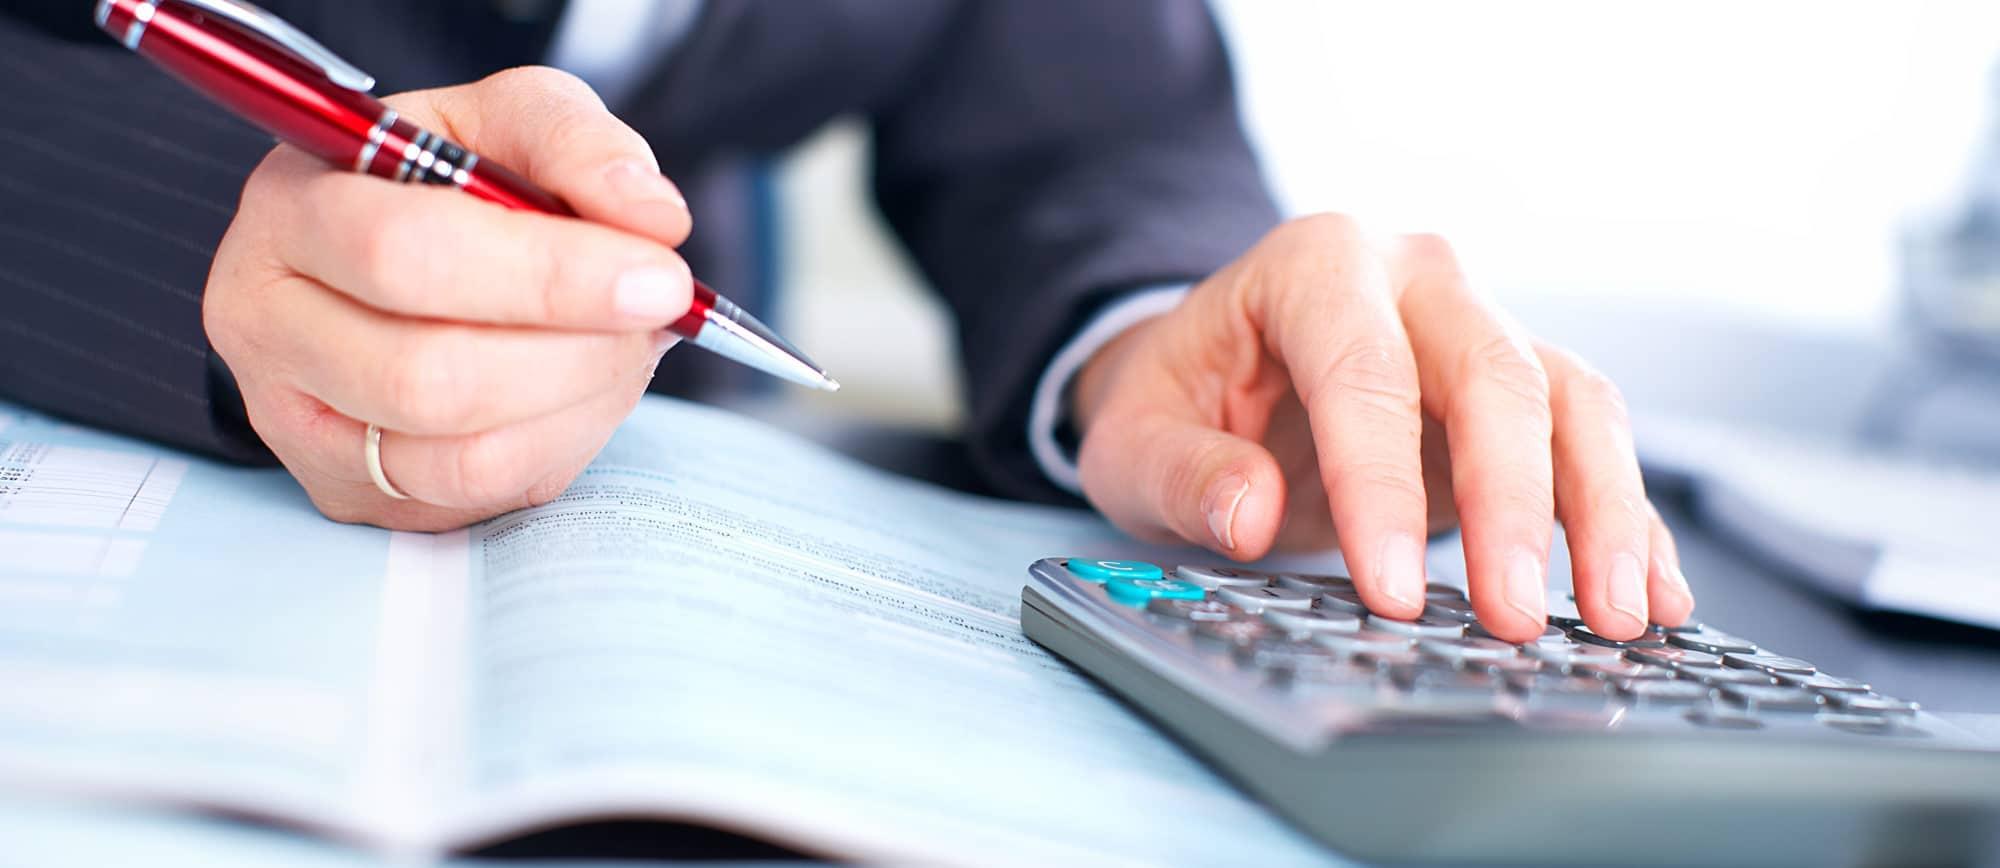 sujets pour un mémoire d'expertise comptable